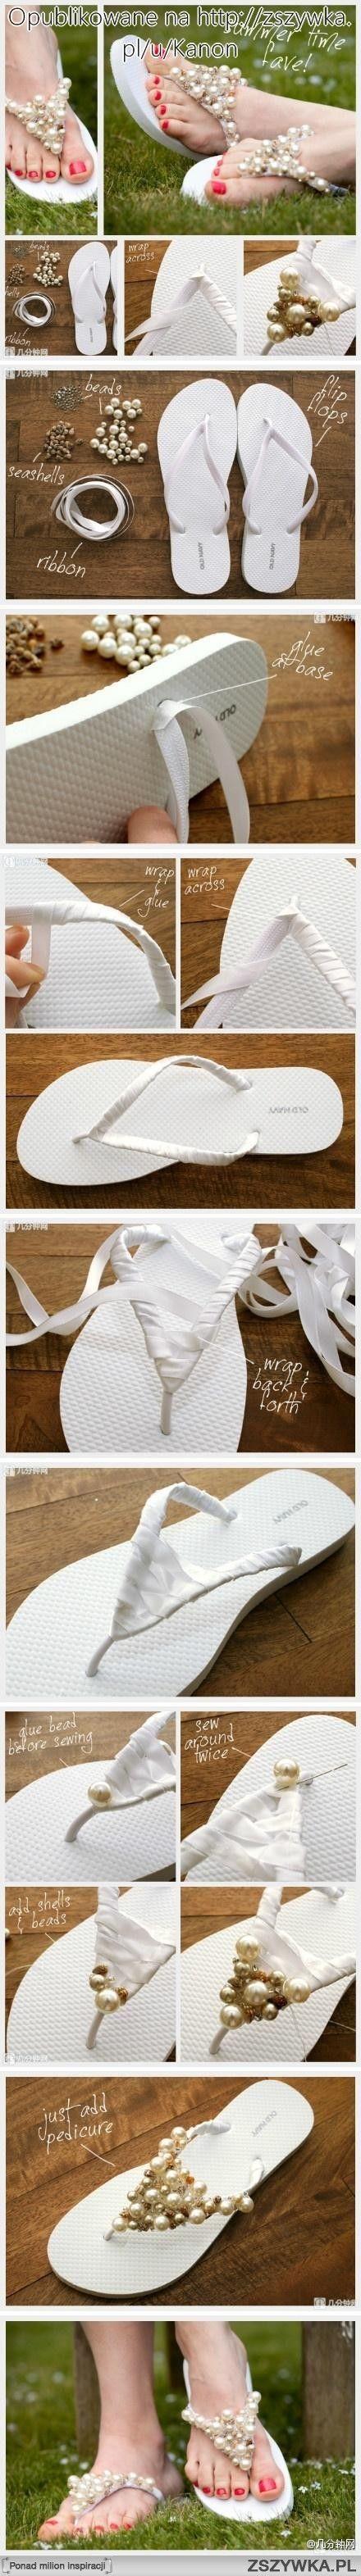 DYI Fancy Flip Flops